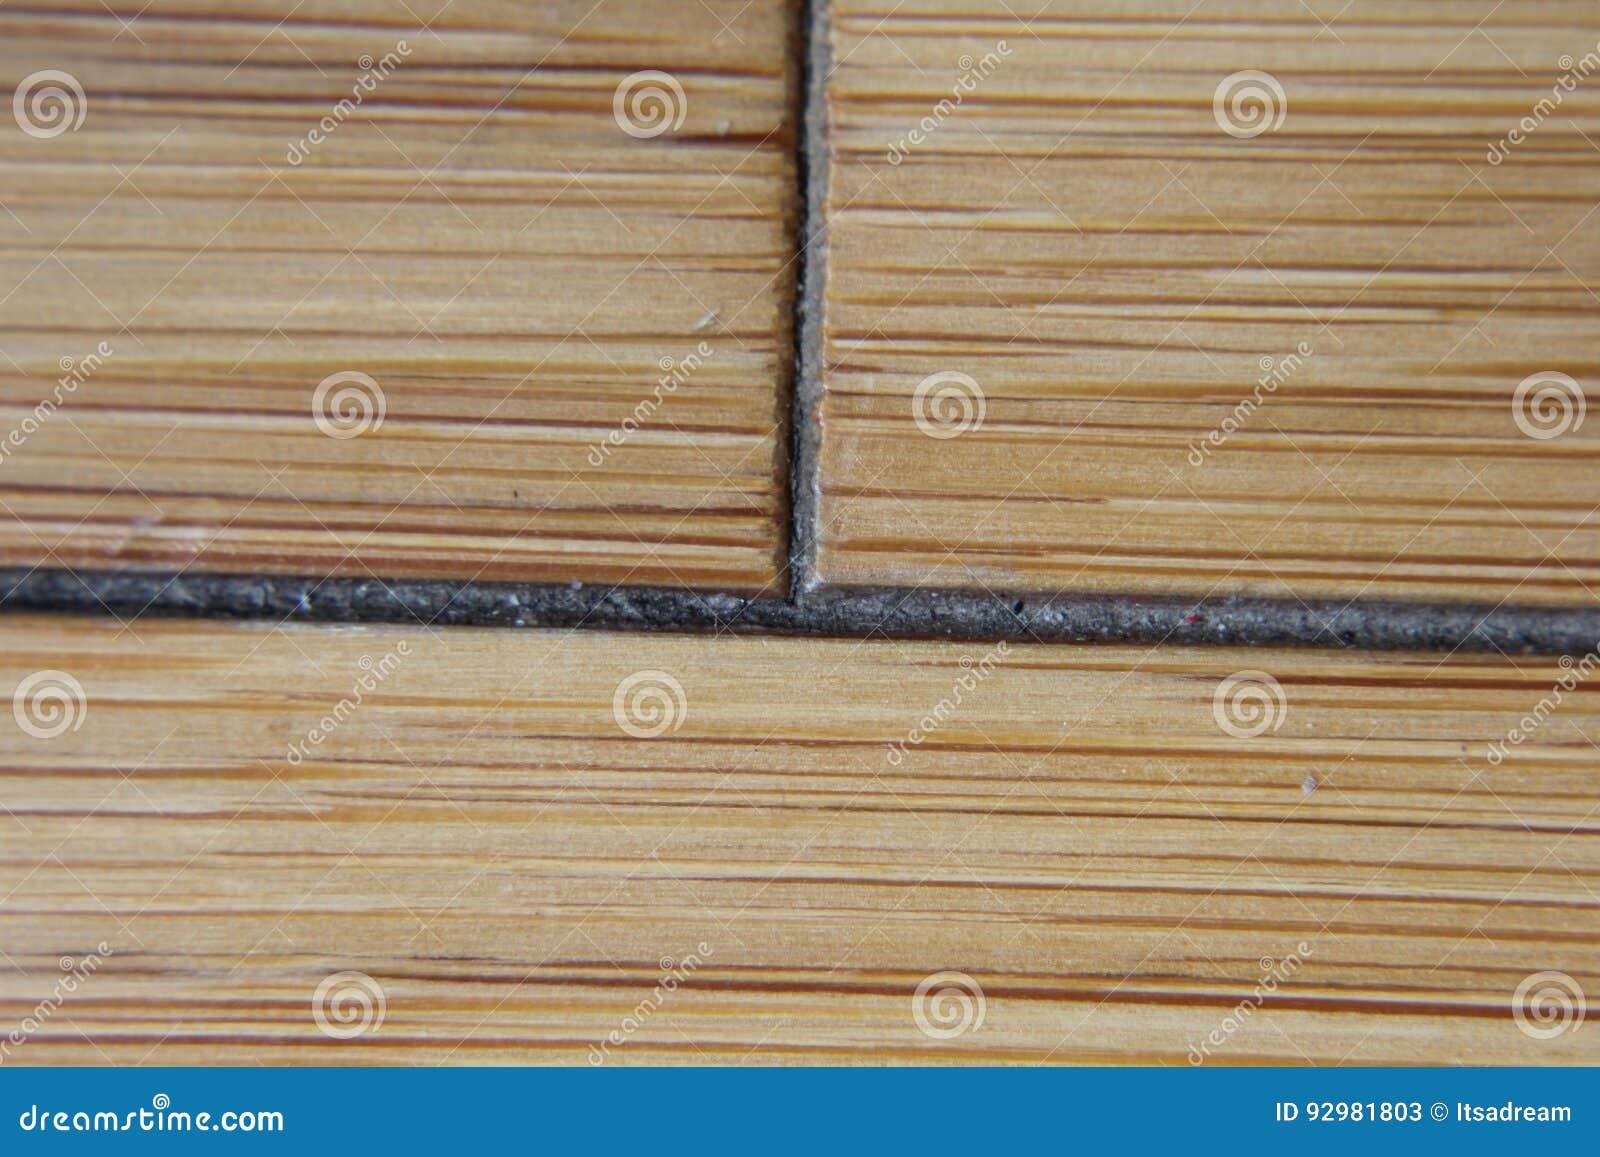 Assoalho de bambu